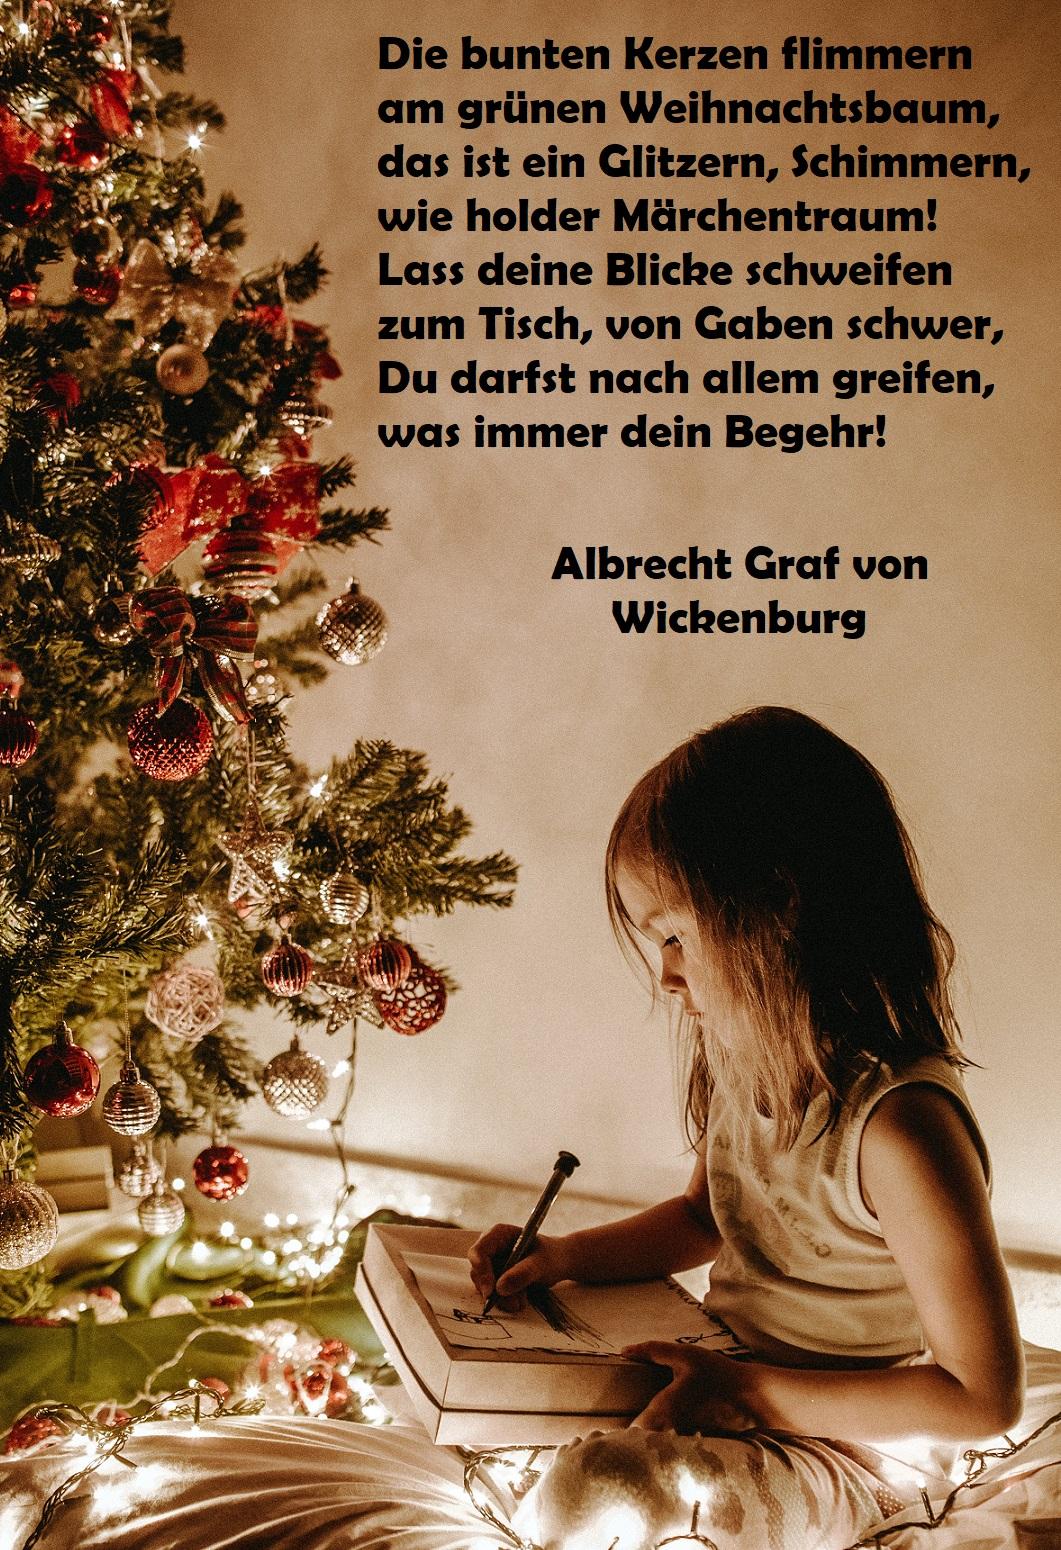 Weihnachtswünsche Bild 23